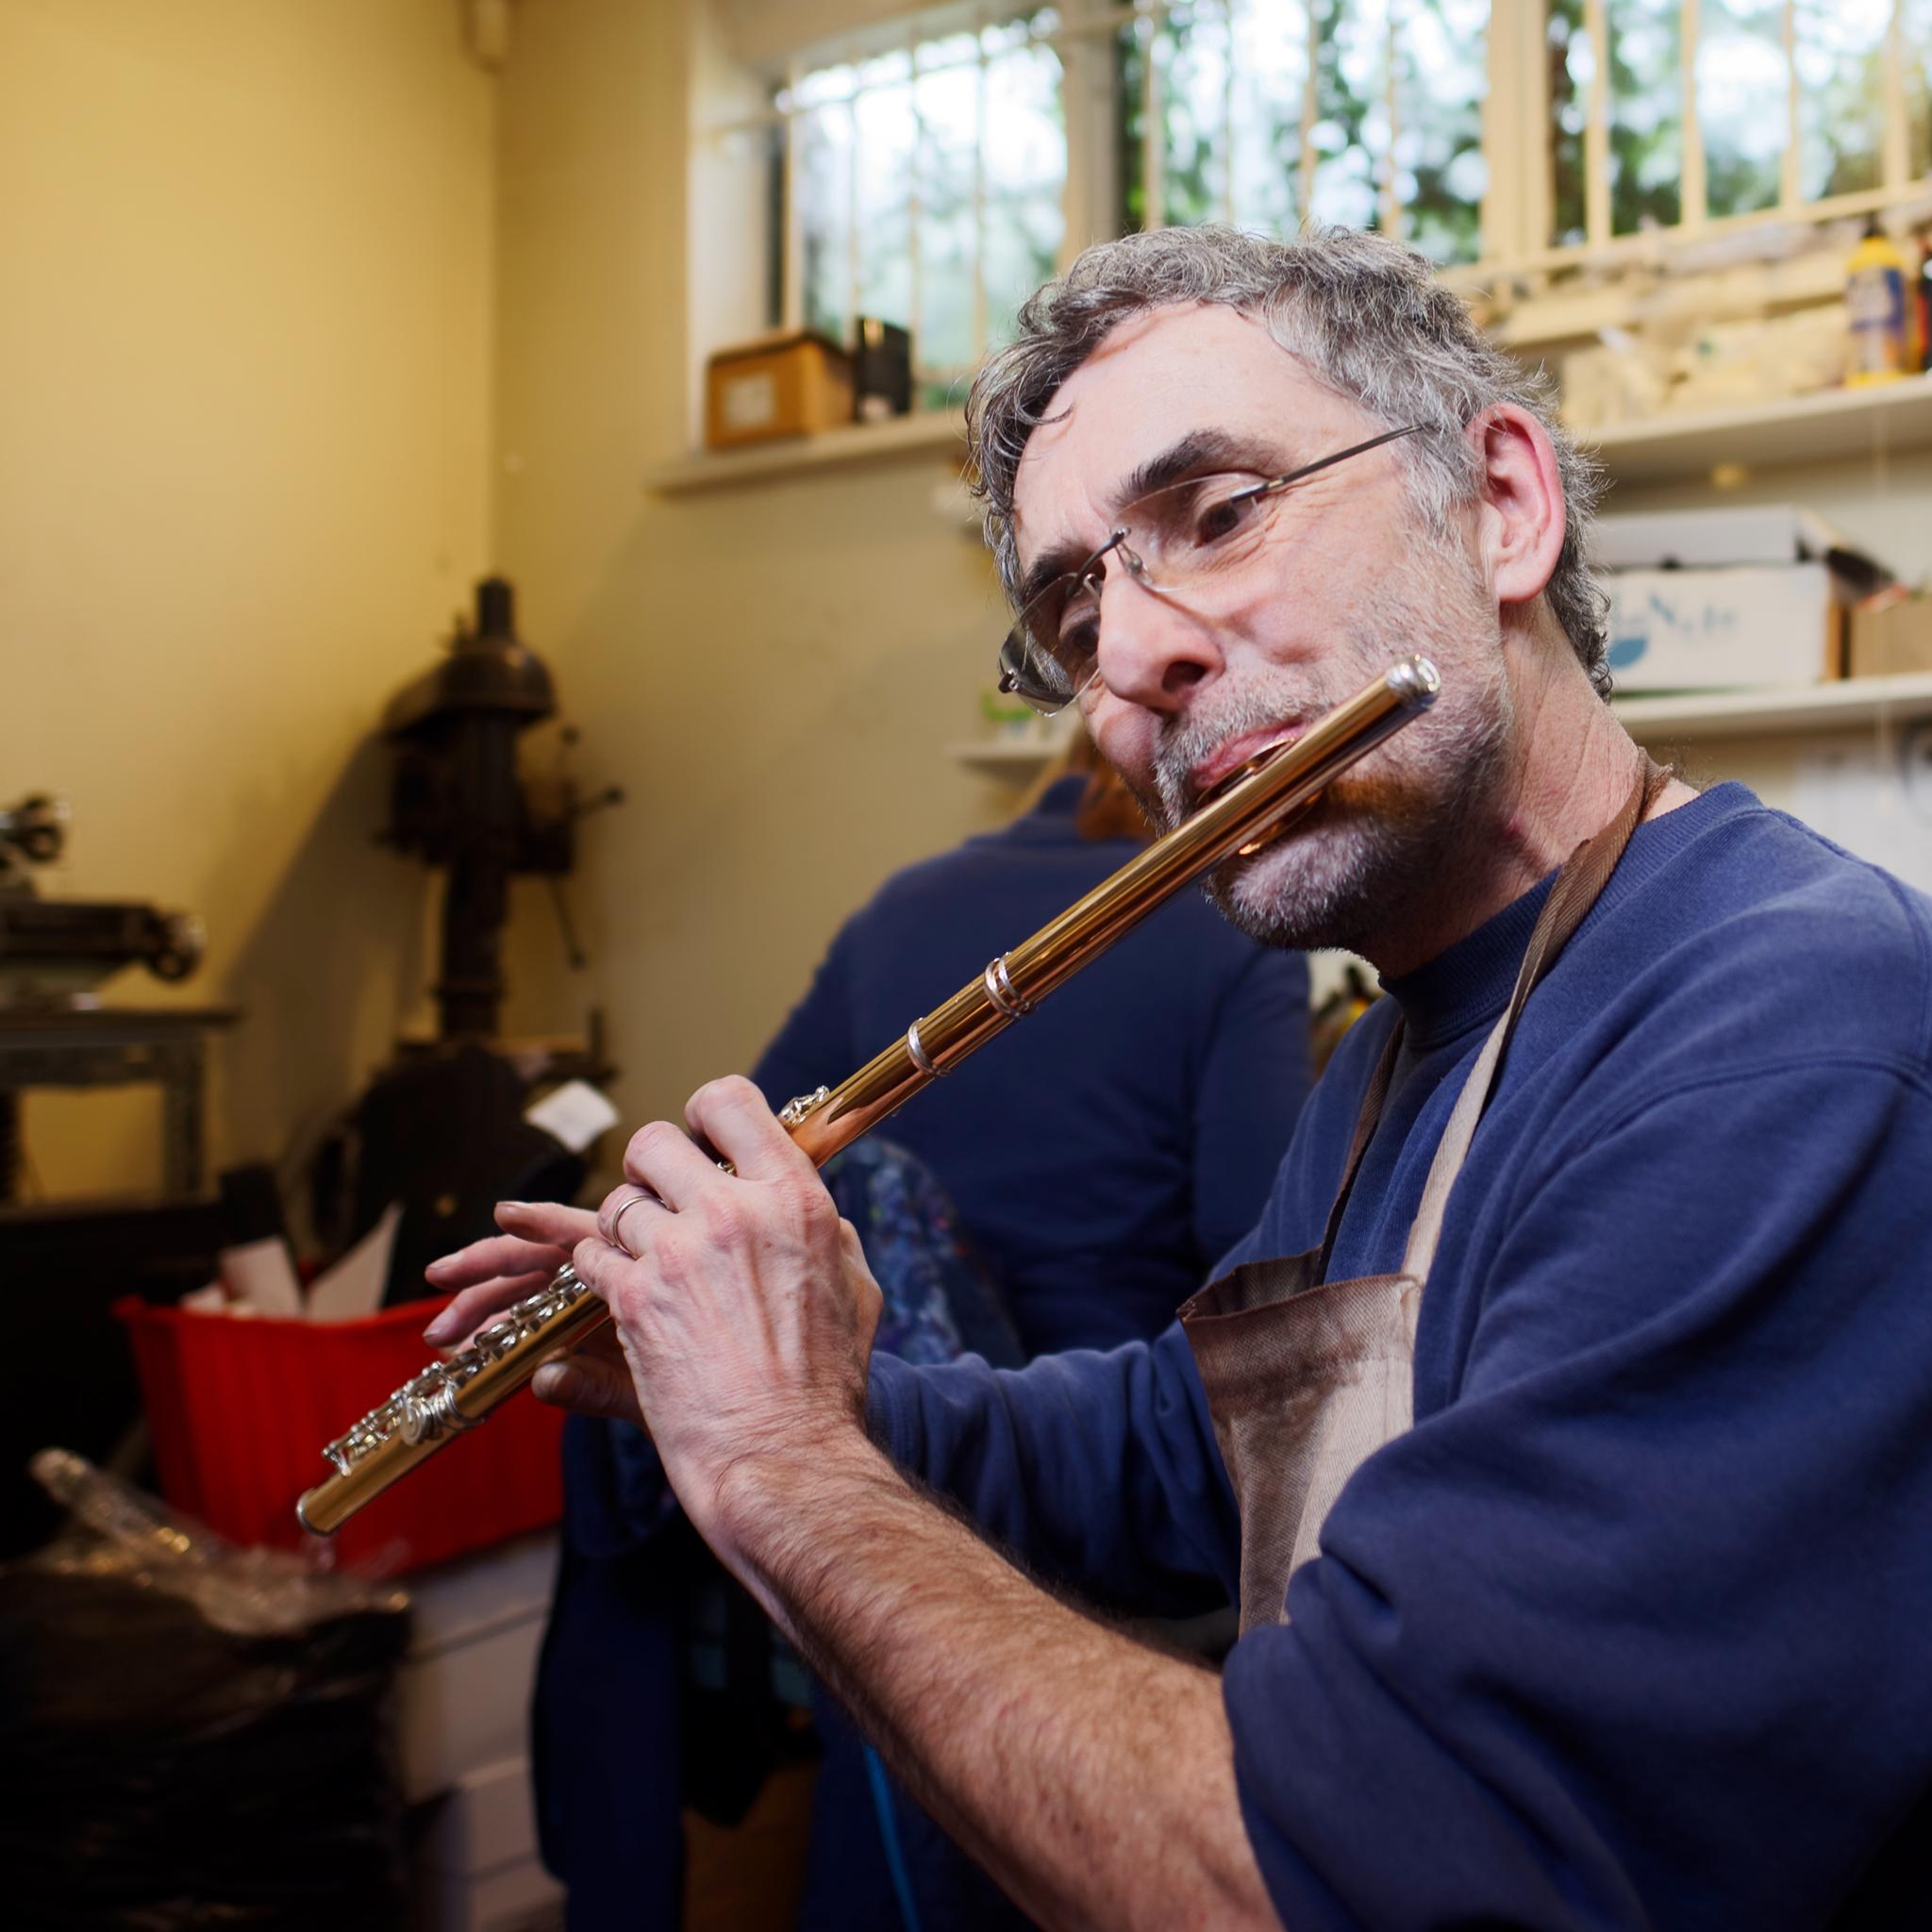 Ian, Flute repairer